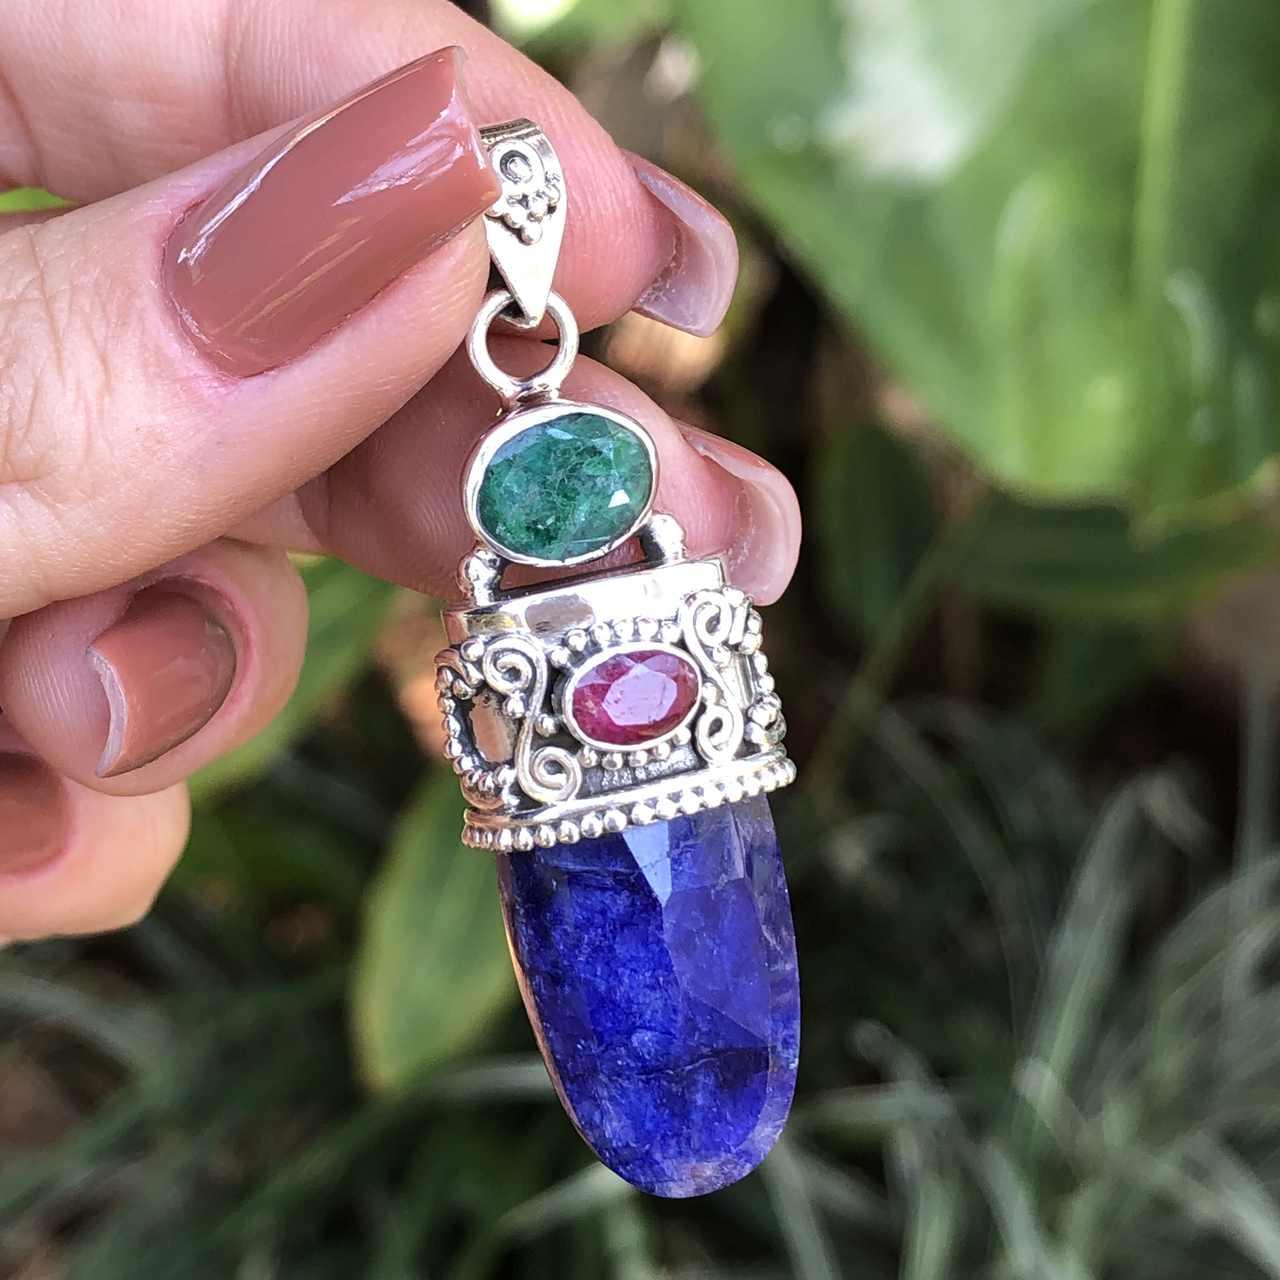 Pingente de Prata 925 Pedra Lápis Lazuli, Esmeraldita e Rubi